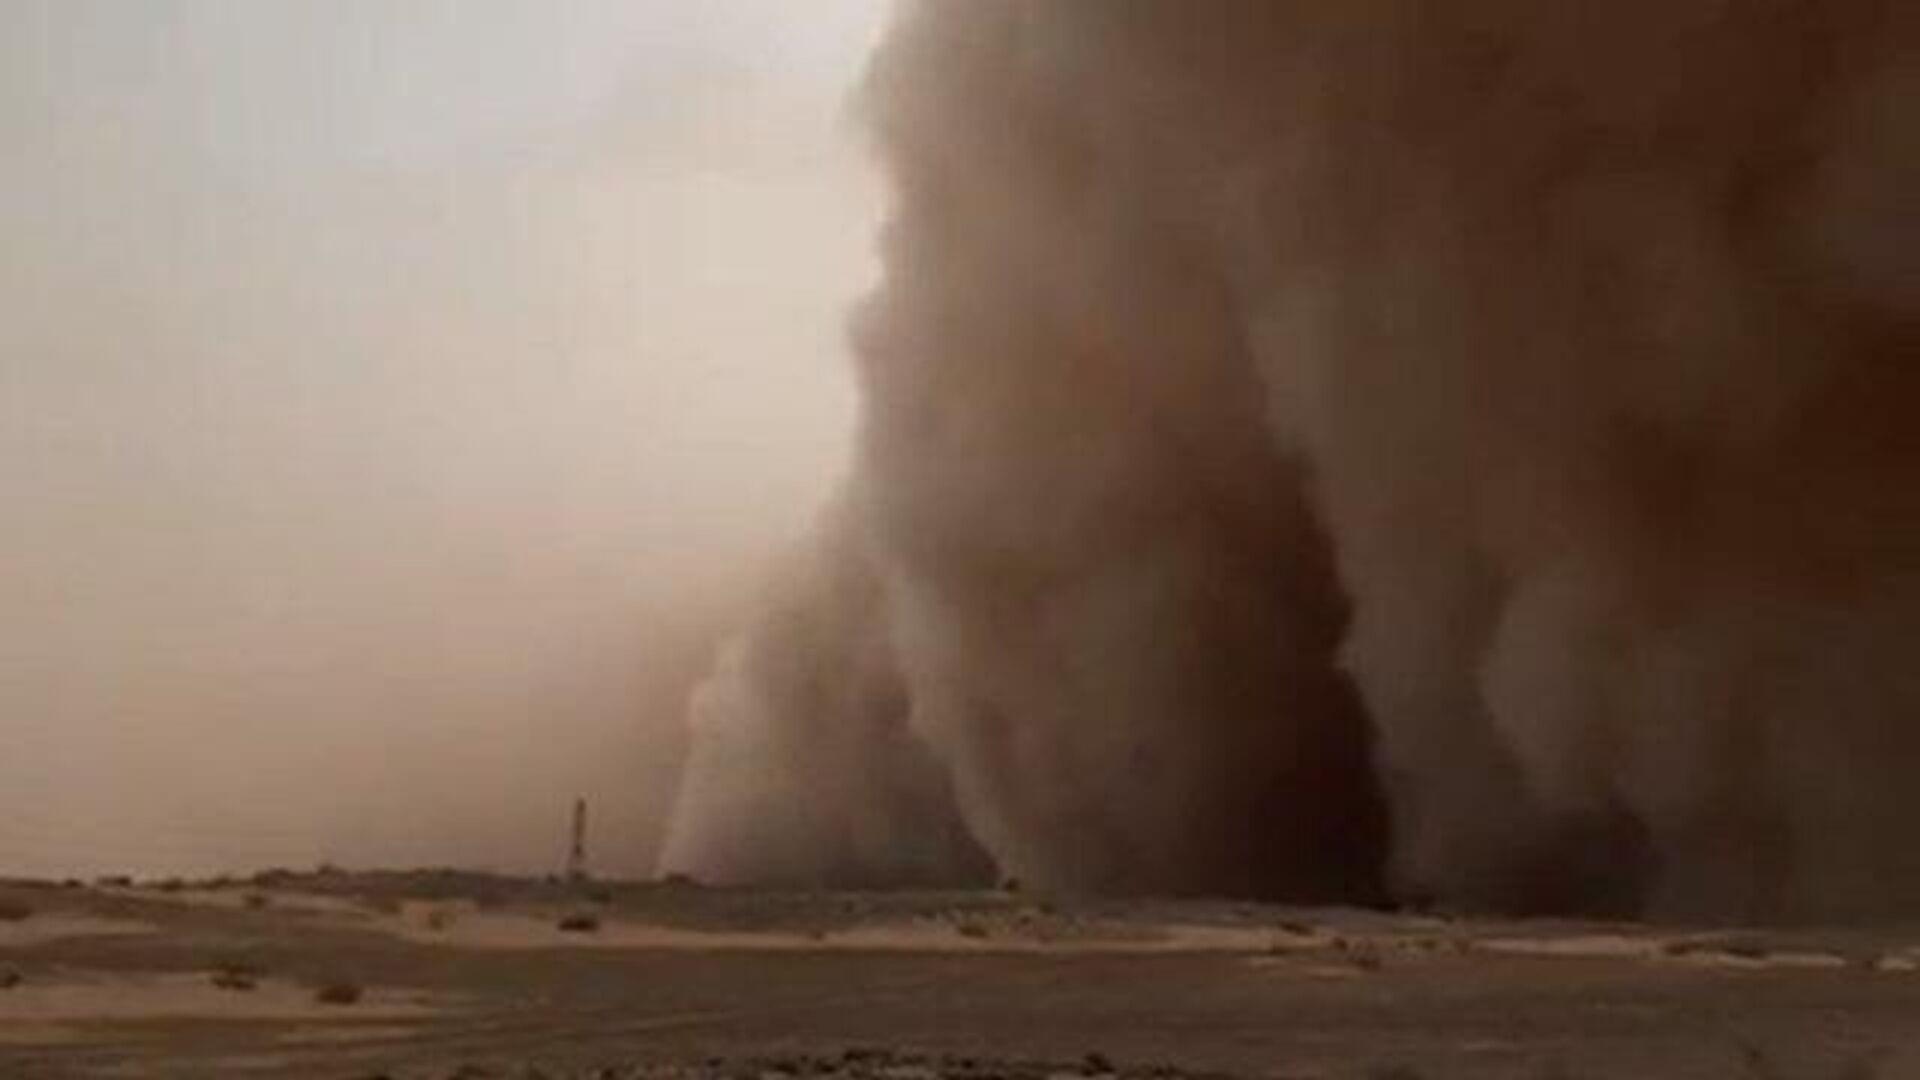 Сильнейшая песчаная буря в Персидском заливе - РИА Новости, 1920, 14.03.2021